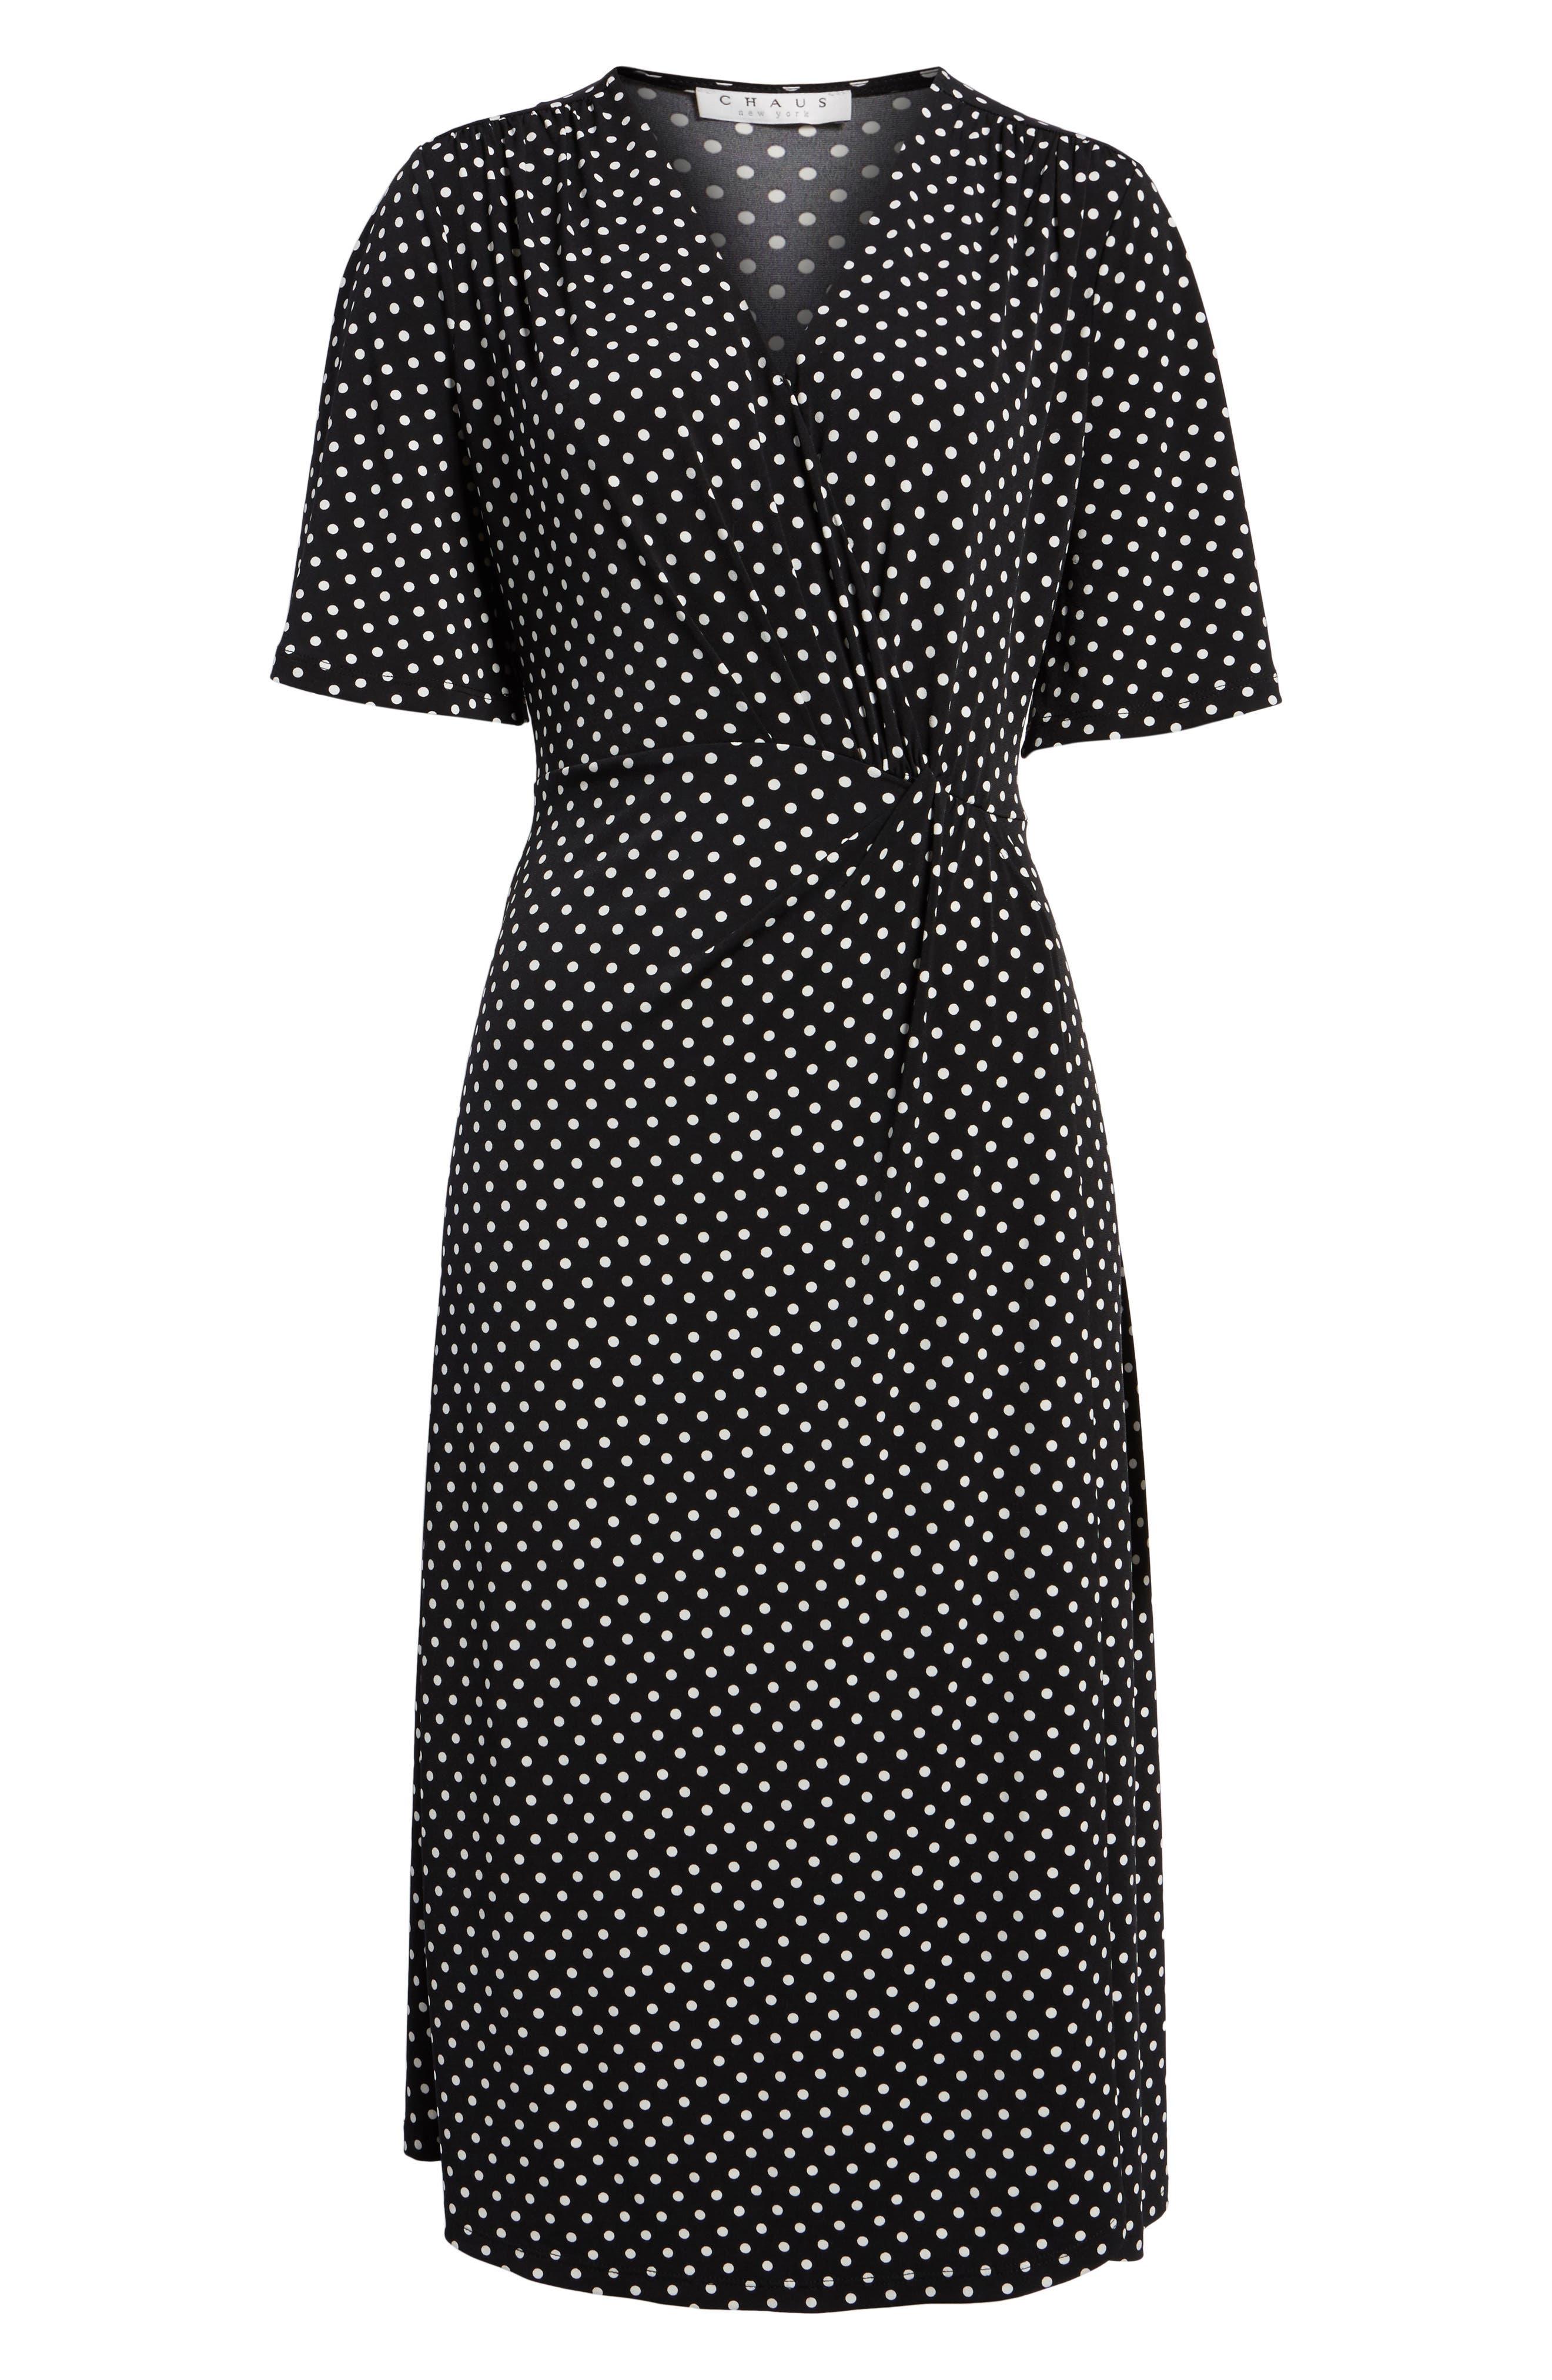 Flutter Sleeve Polka Dot Dress,                             Alternate thumbnail 6, color,